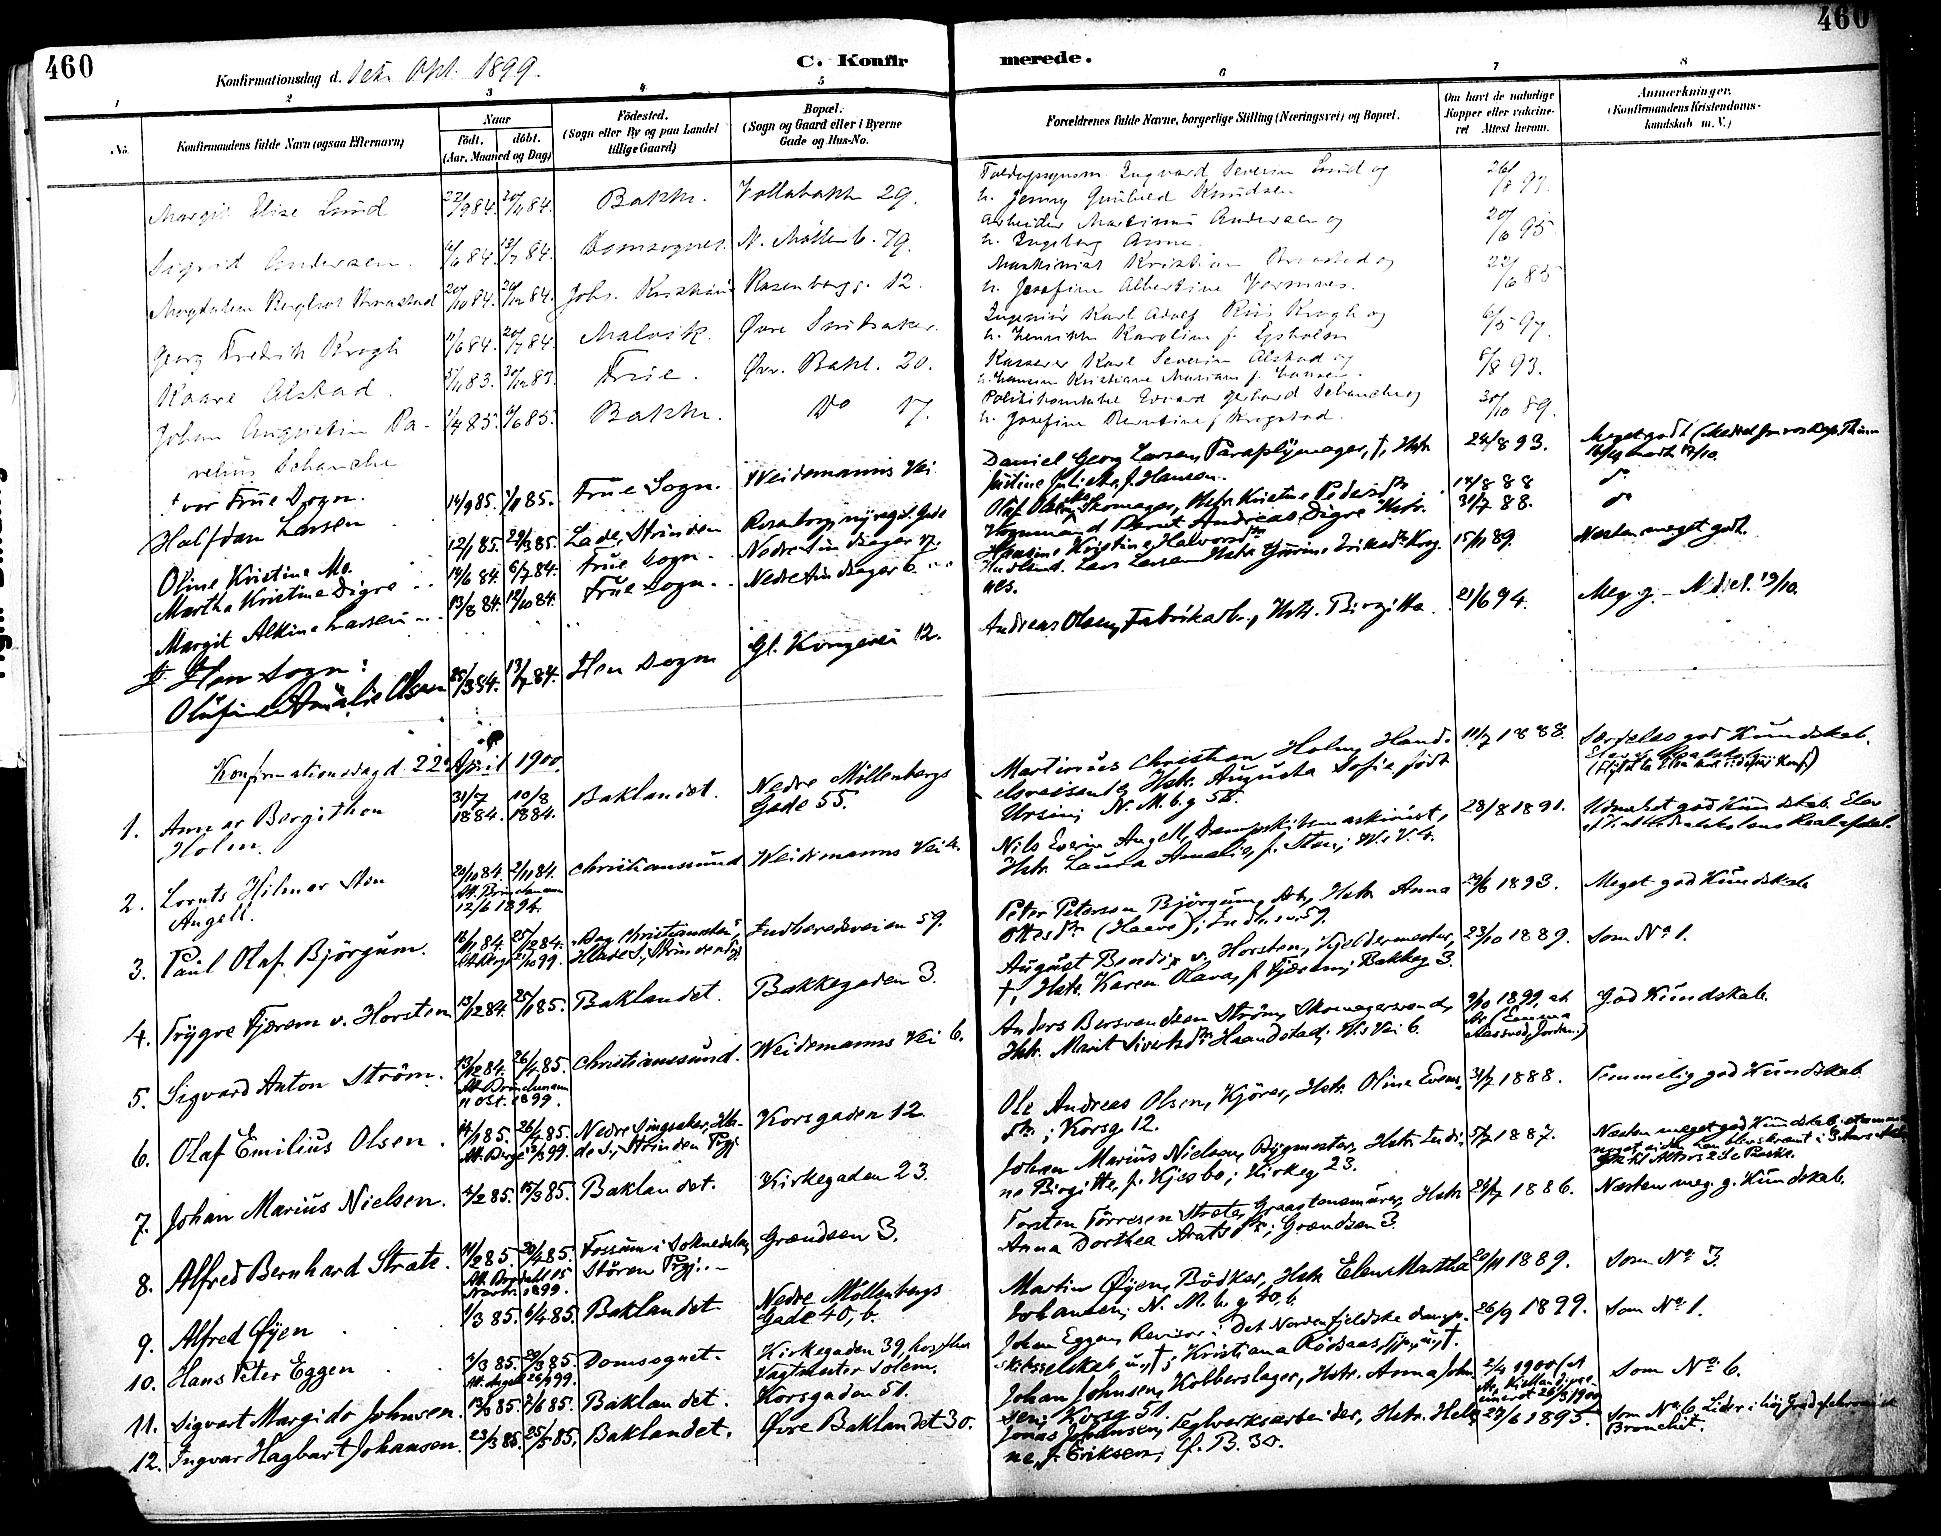 SAT, Ministerialprotokoller, klokkerbøker og fødselsregistre - Sør-Trøndelag, 604/L0197: Ministerialbok nr. 604A18, 1893-1900, s. 460